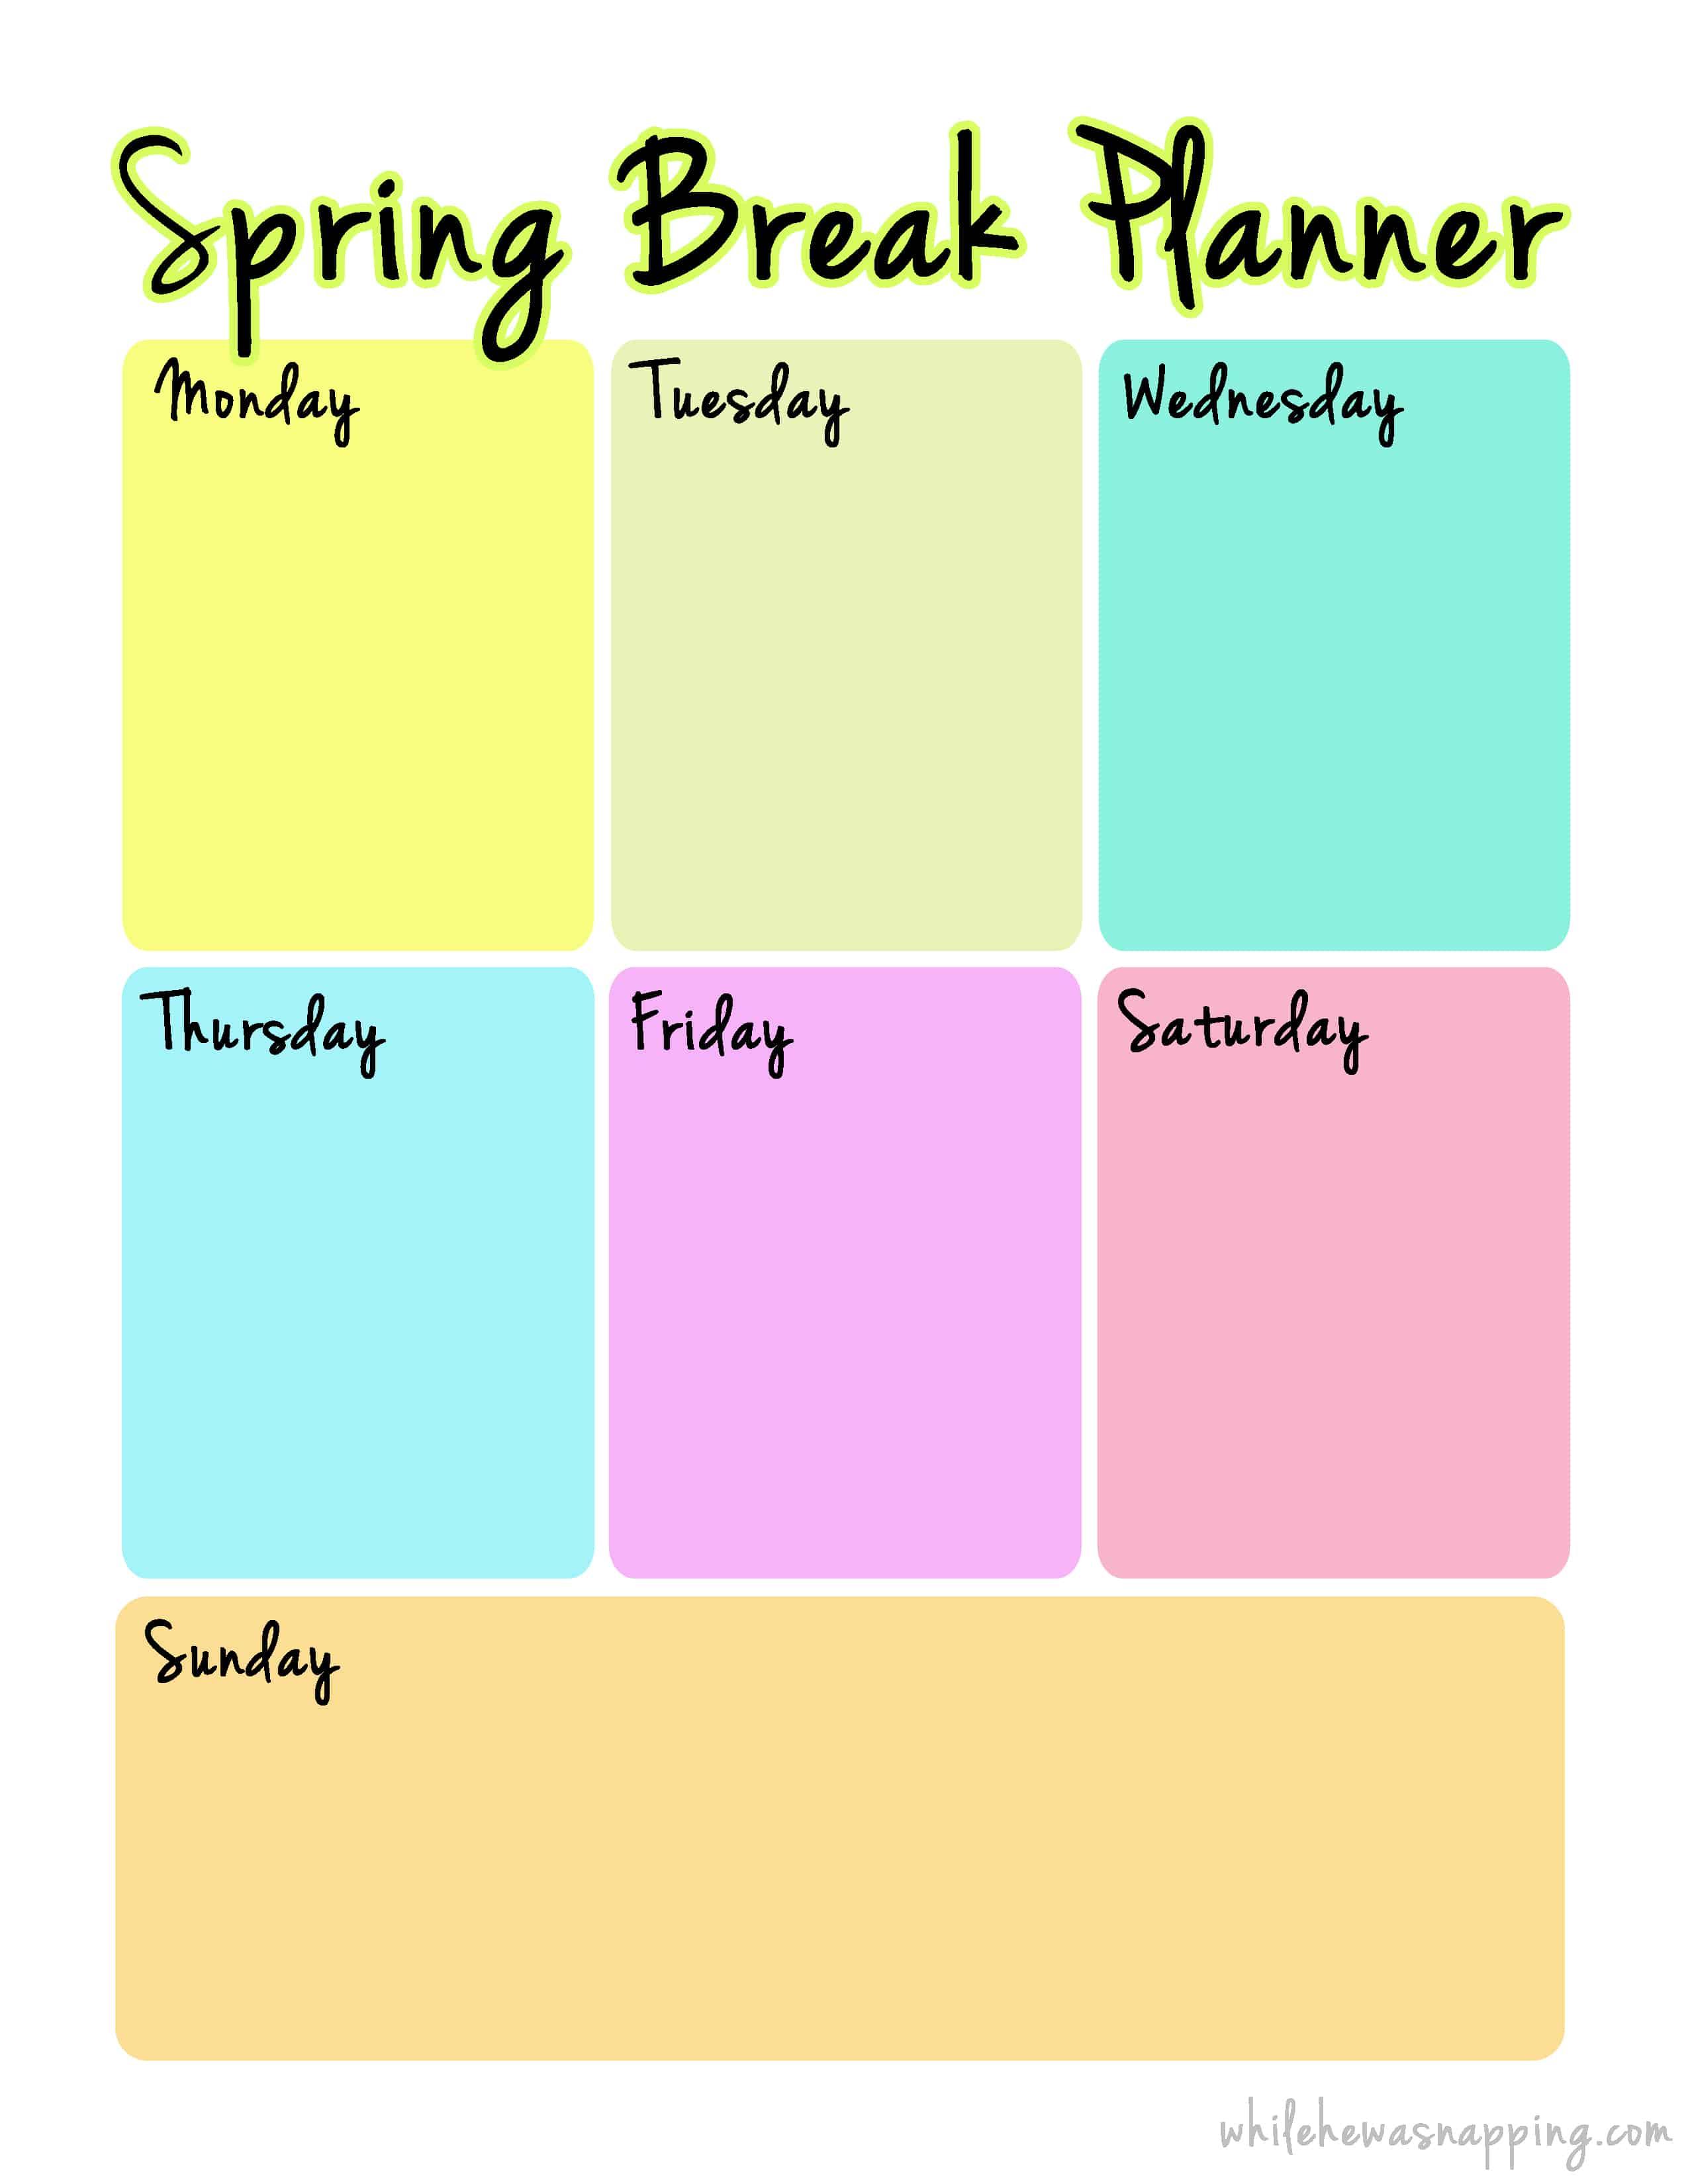 Spring Break Planner